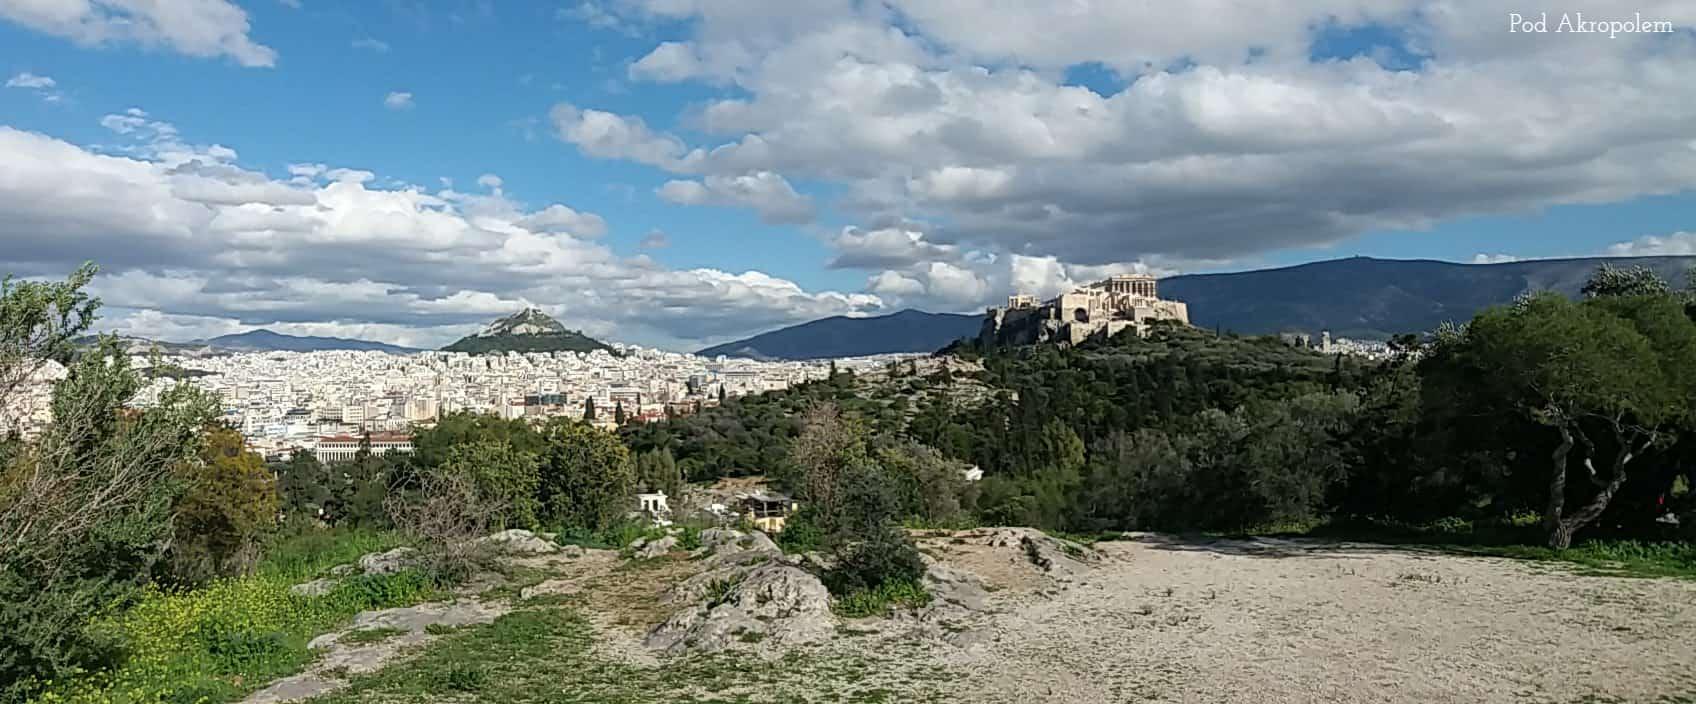 Widok na Akropol ze wzgórza Pnyks